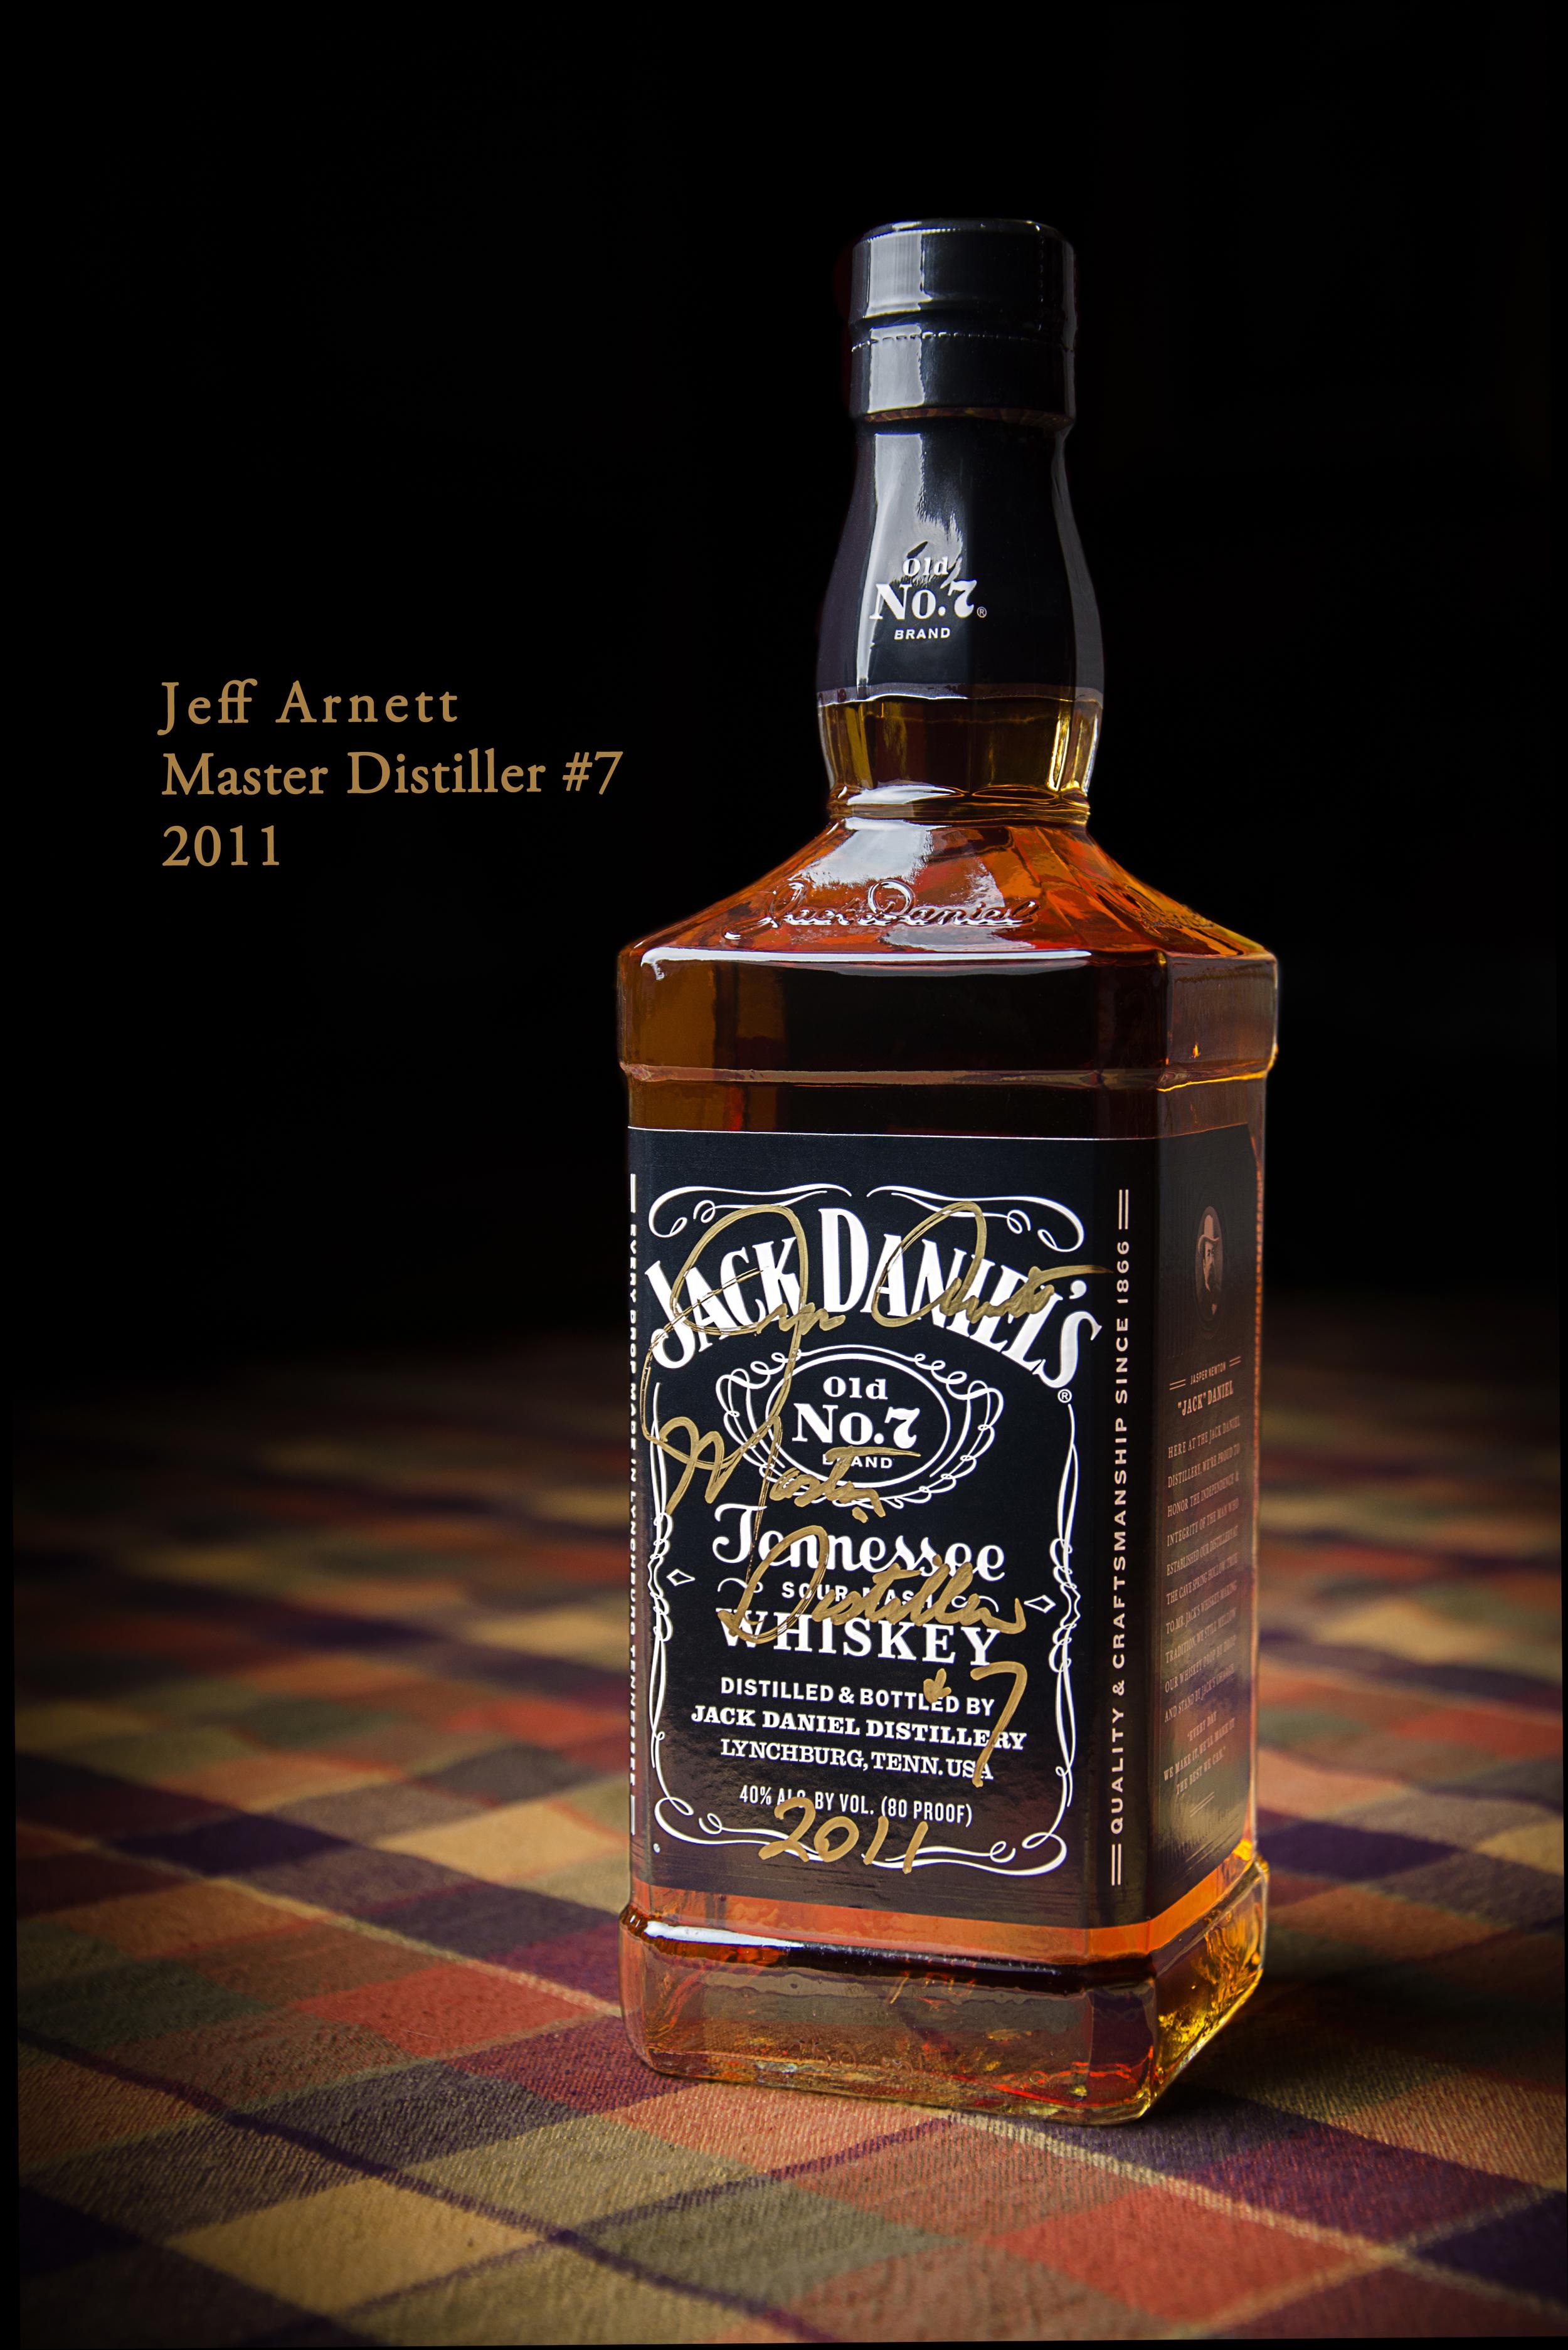 Jack Daniel's bottle signed by Jeff Arnett, Master Distiller #7, in October 2011. (Photo taken September 2013)